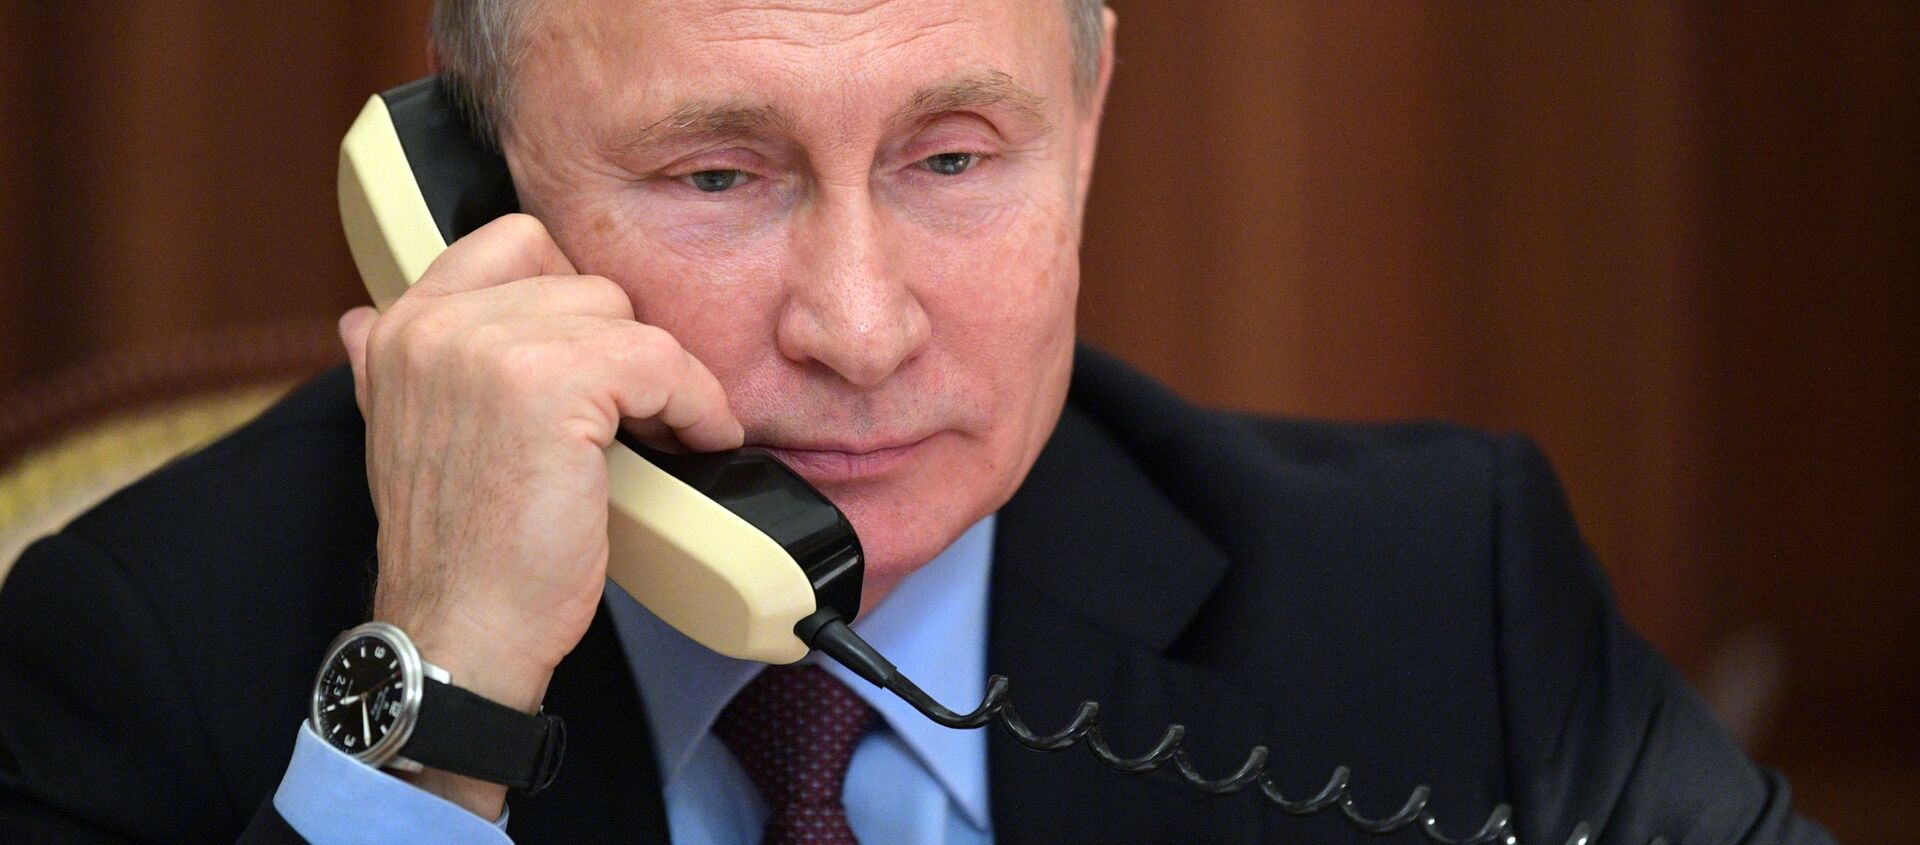 Prezydent Rosji Władimir Putin w czasie rozmowy telefonicznej  - Sputnik Polska, 1920, 19.03.2021